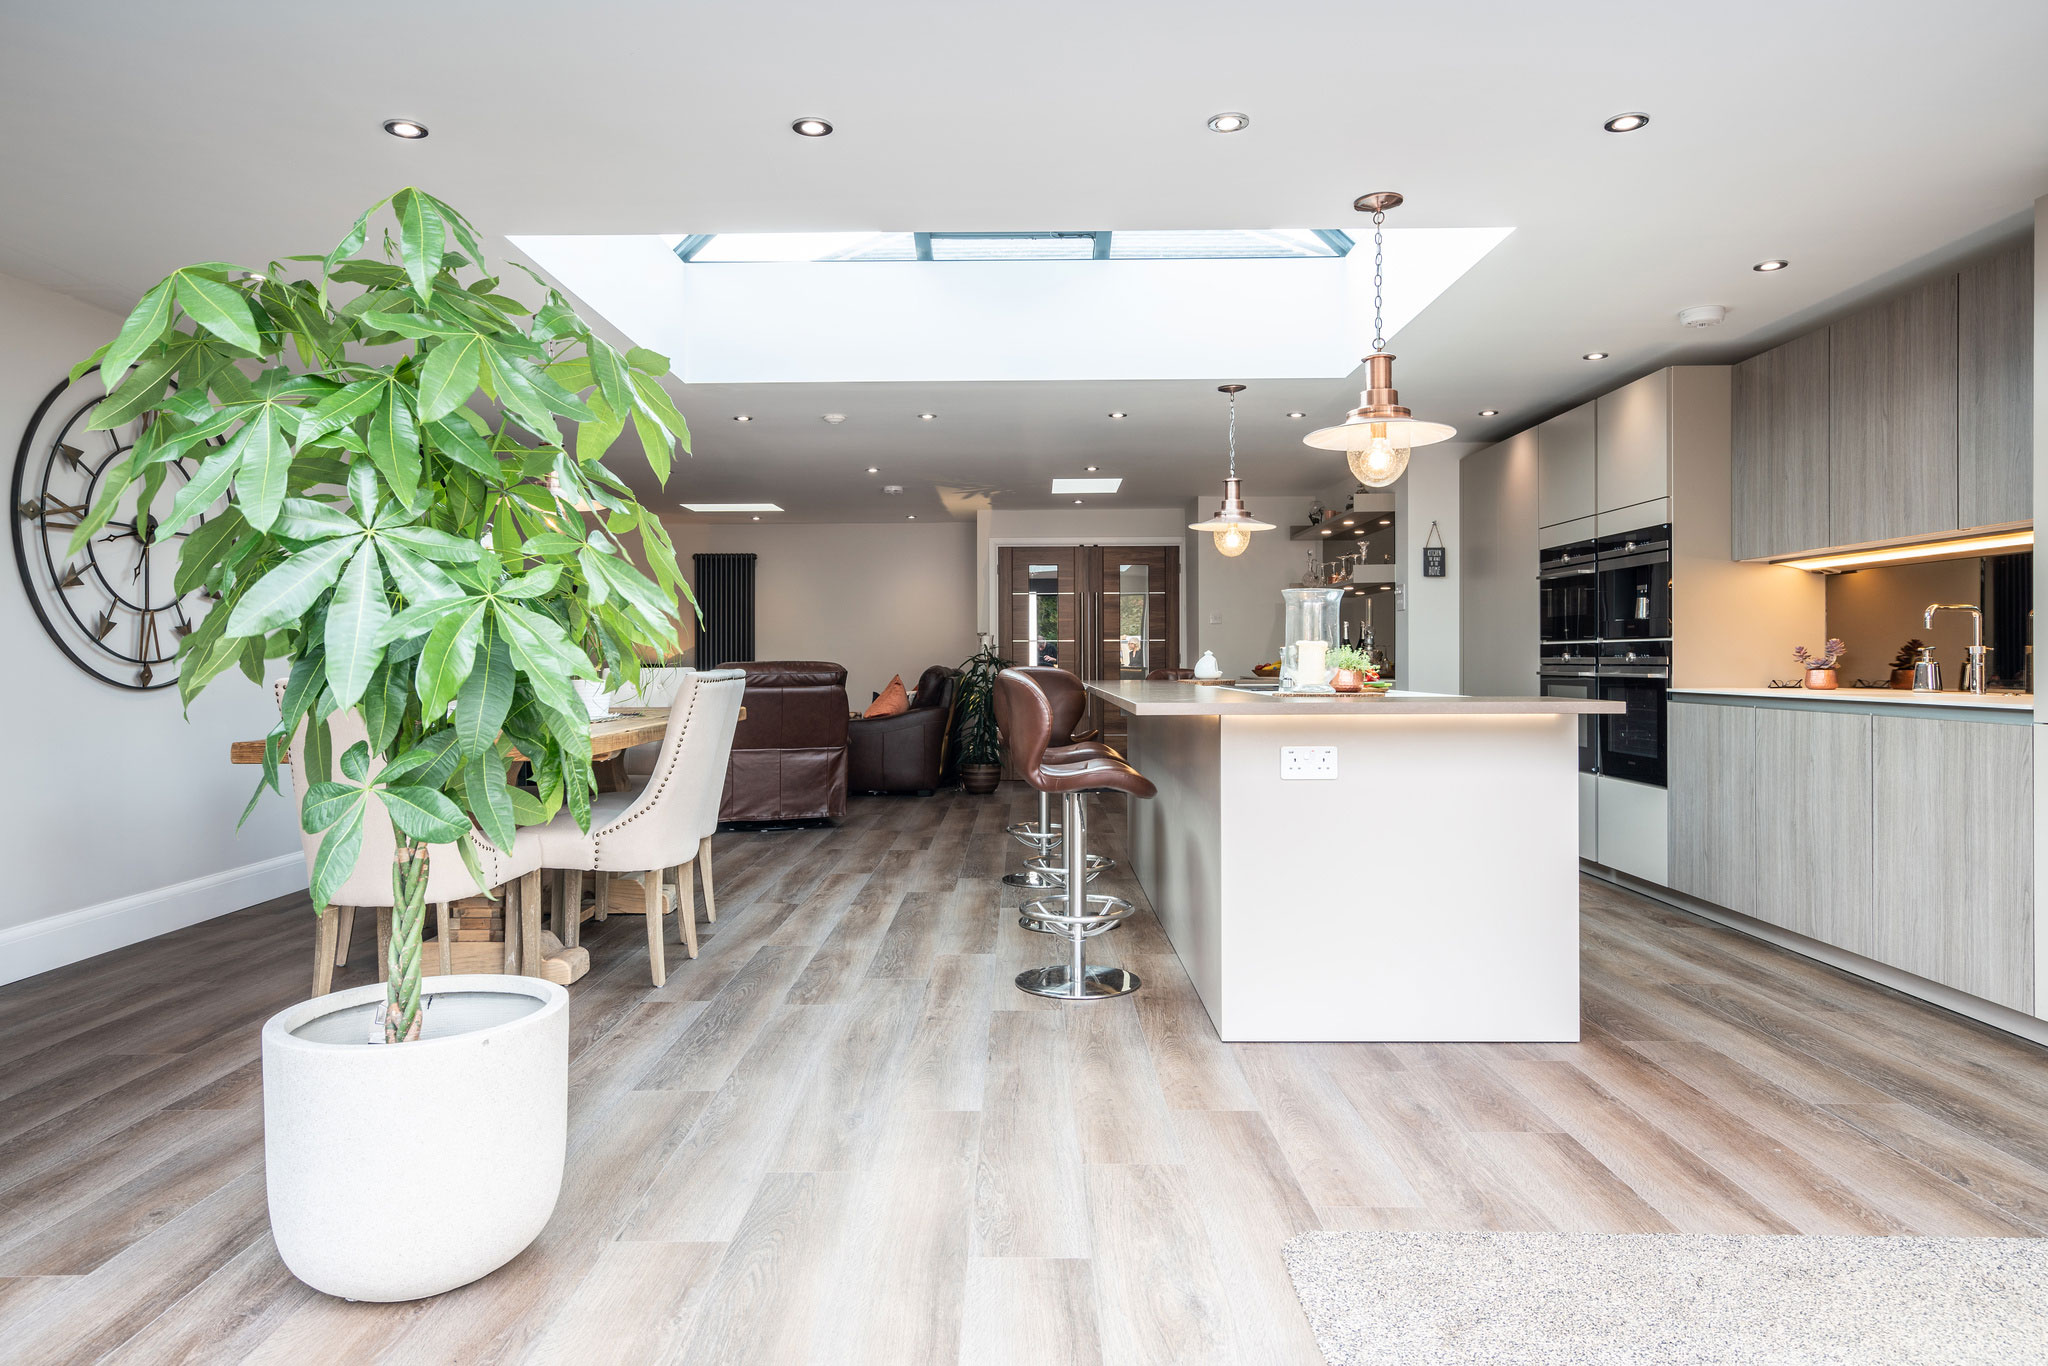 Image of Myers Touch Daniels Kitchen 01224 ZF 2442 14358 1 069 in Un espace conçu pour la convivialité - Cosentino